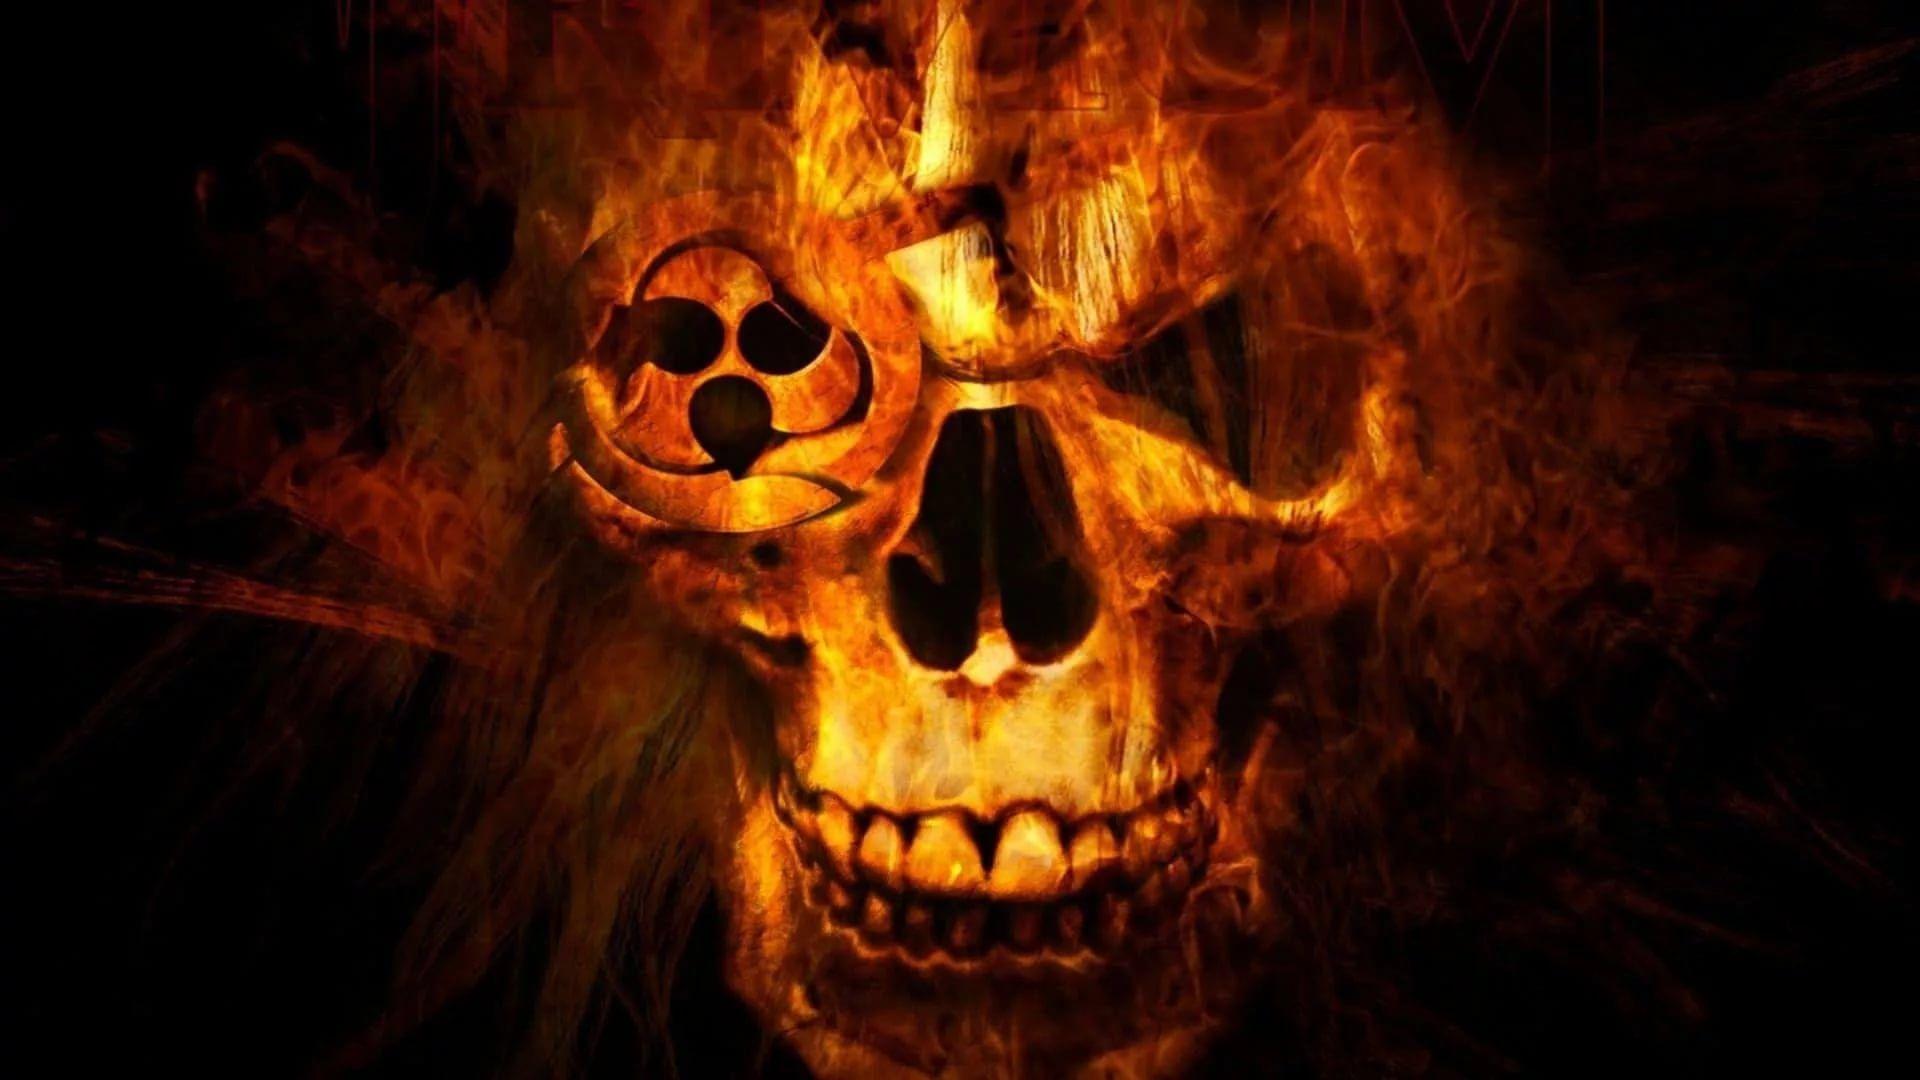 Flaming Skull Nice Wallpaper